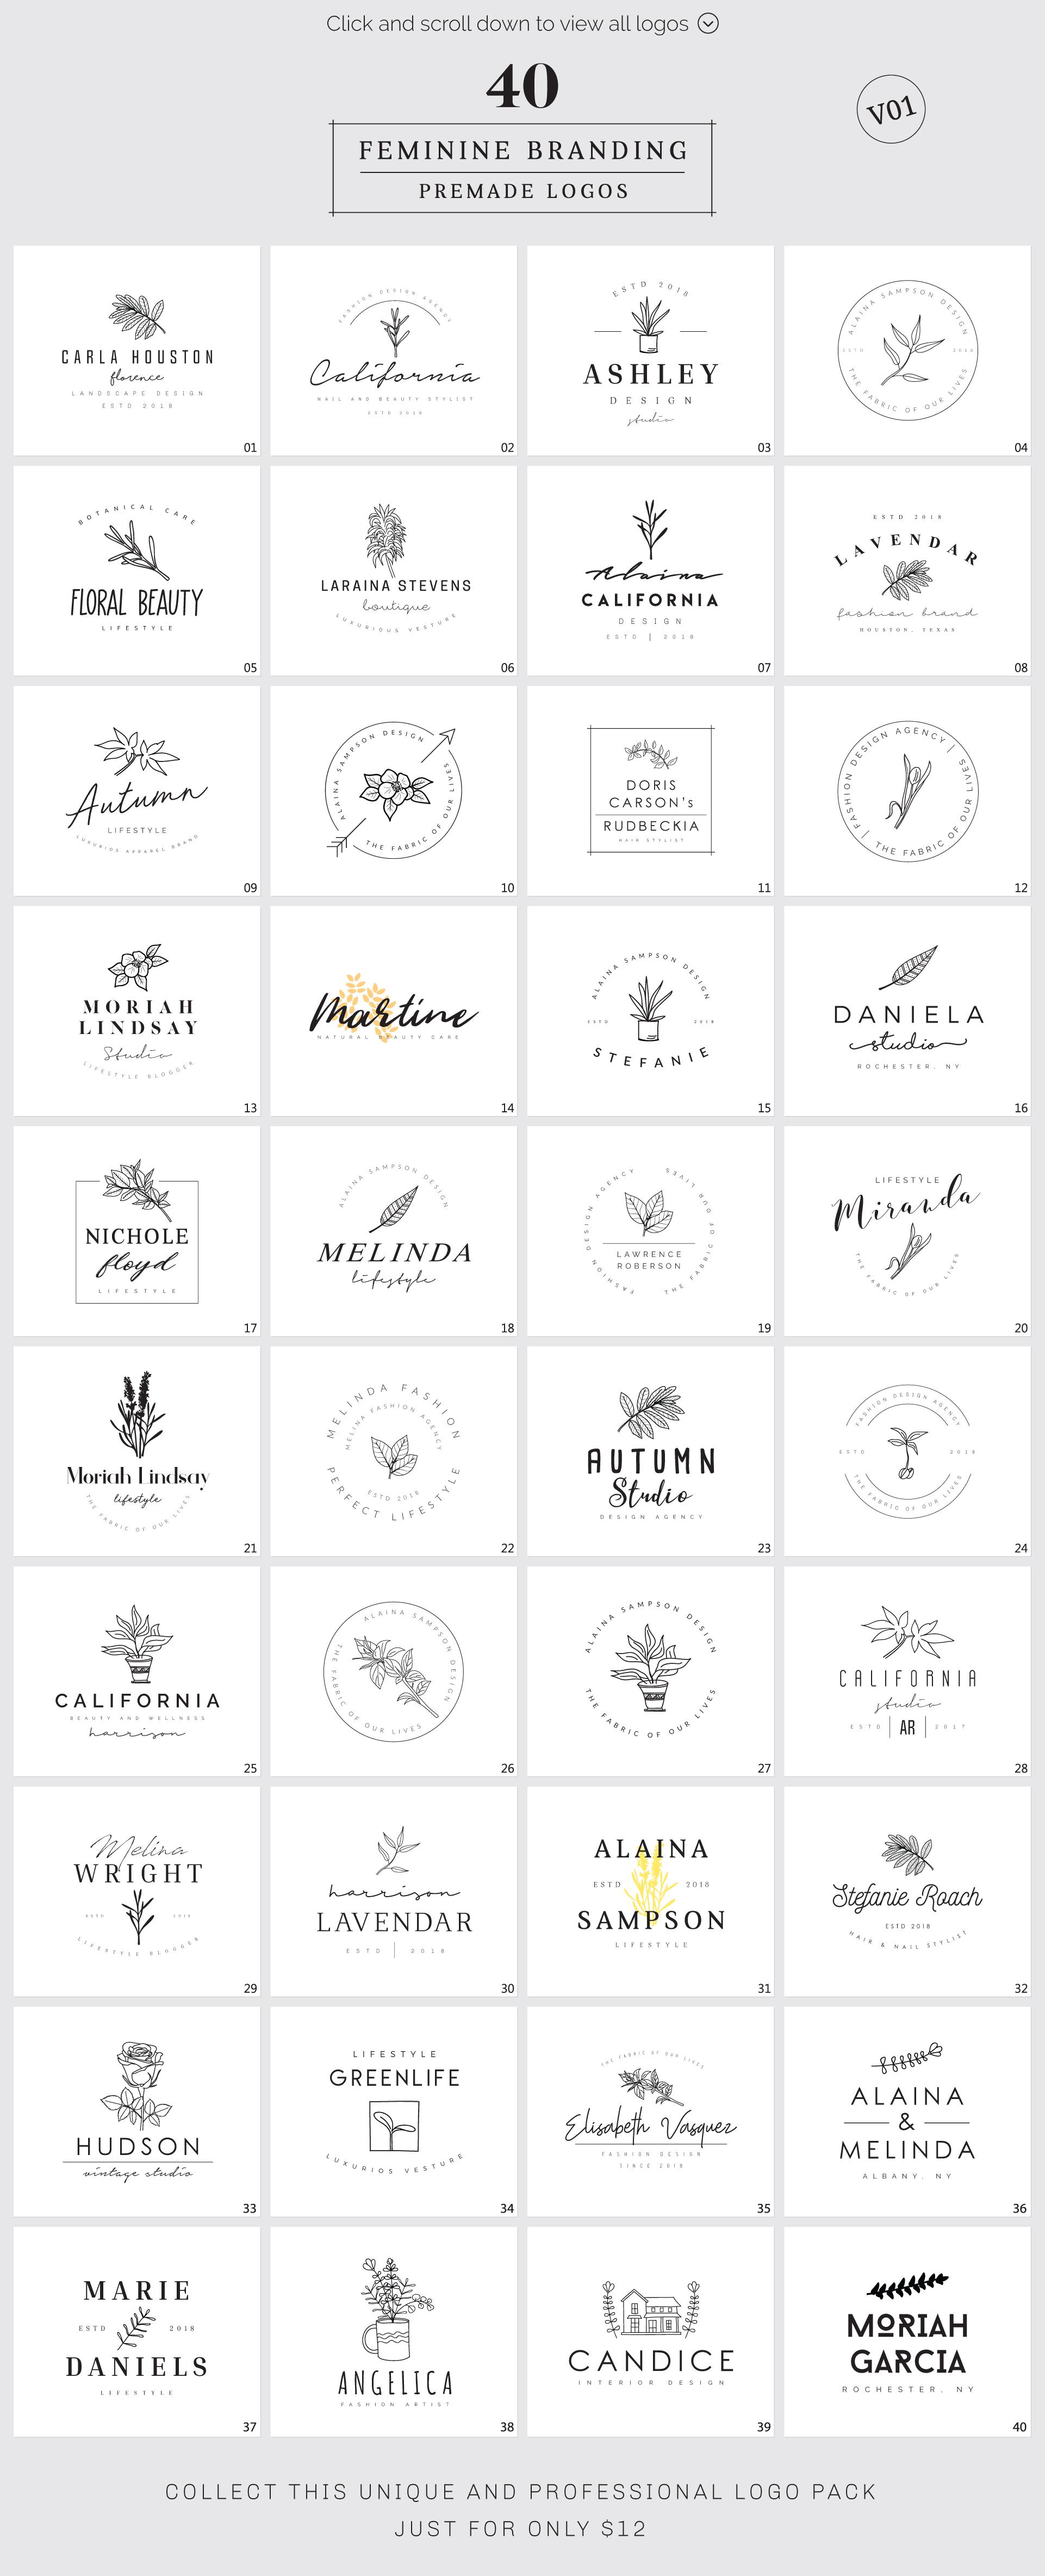 Feminine Branding Premade Logos V01 example image 3